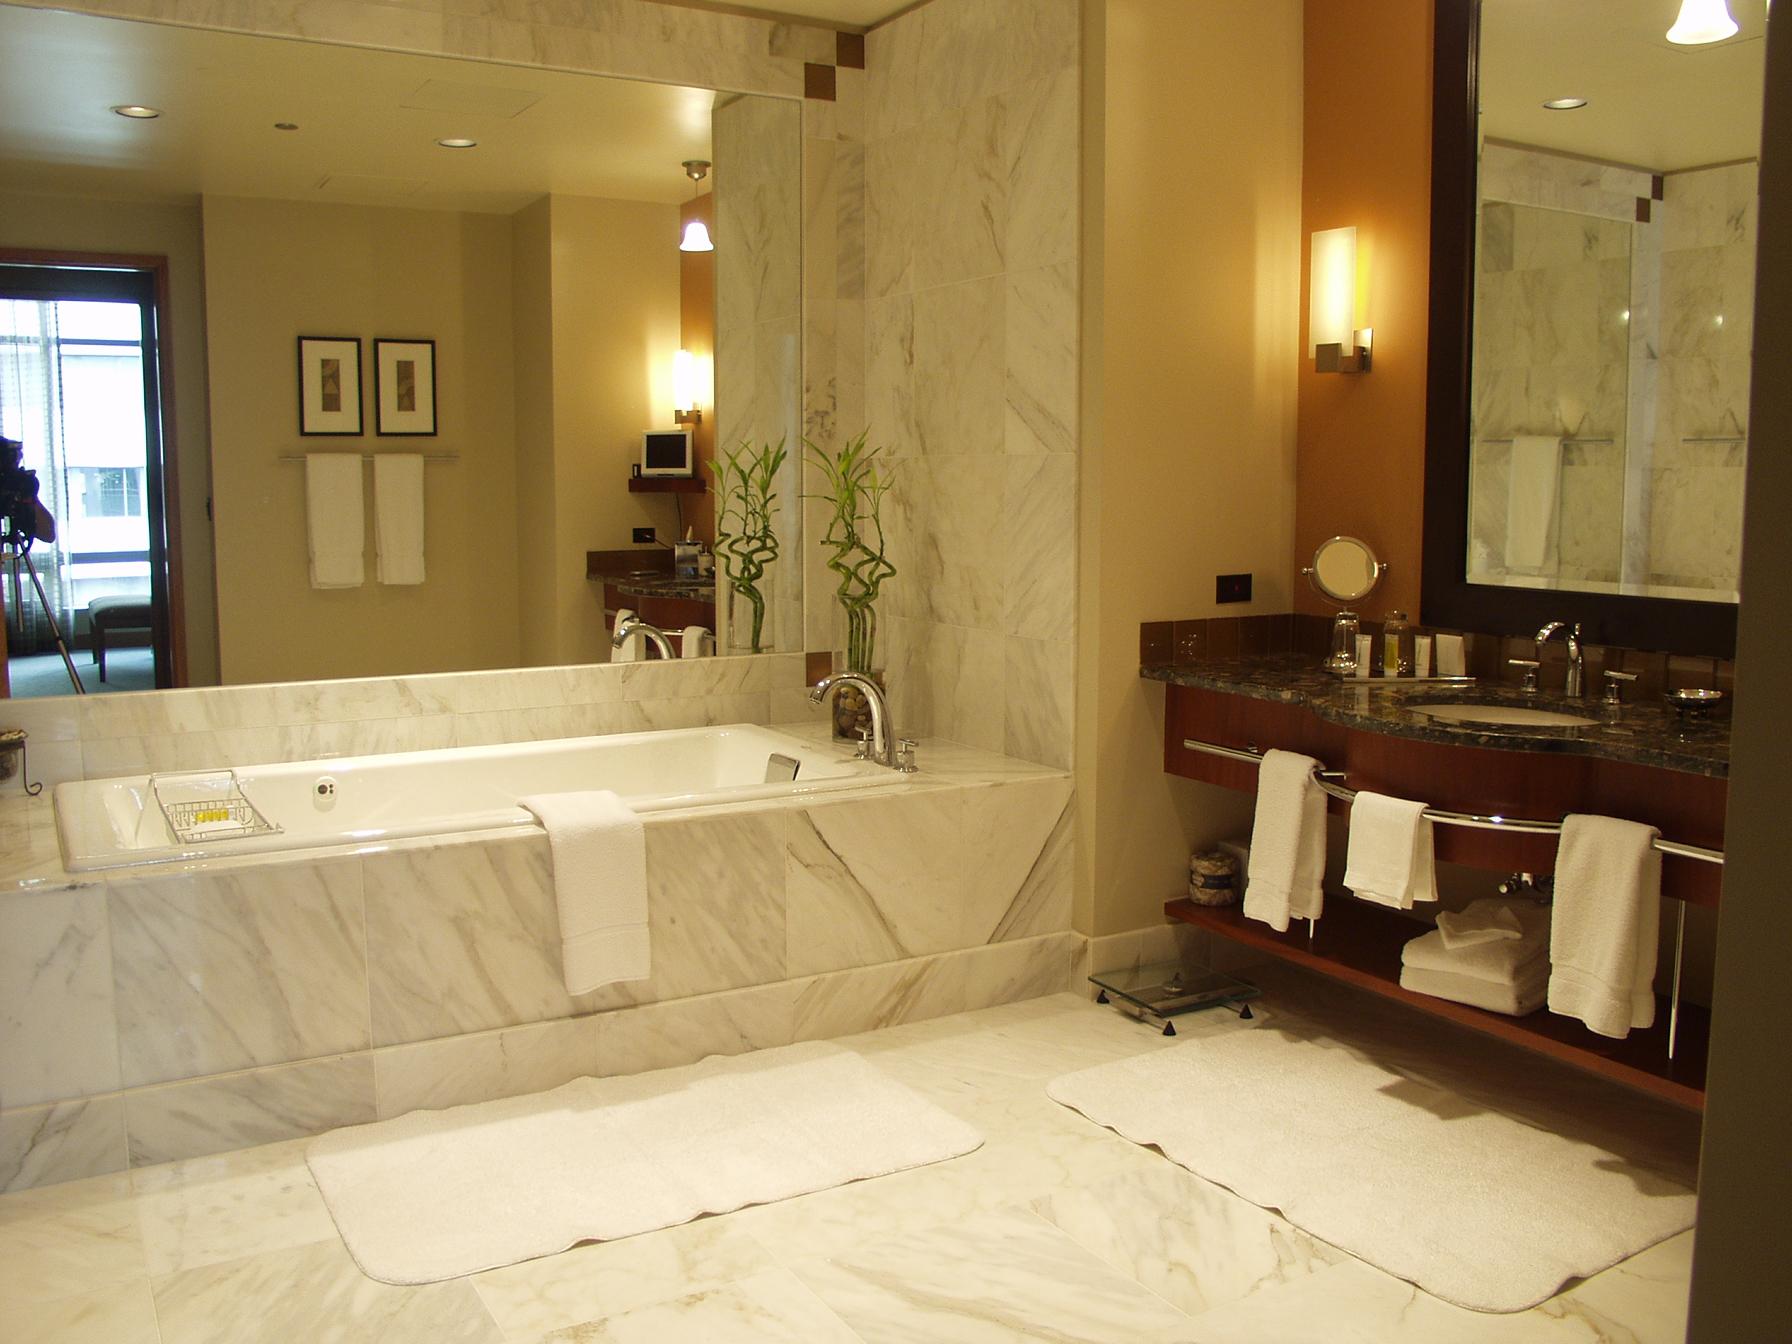 hyatt bathroom.JPG